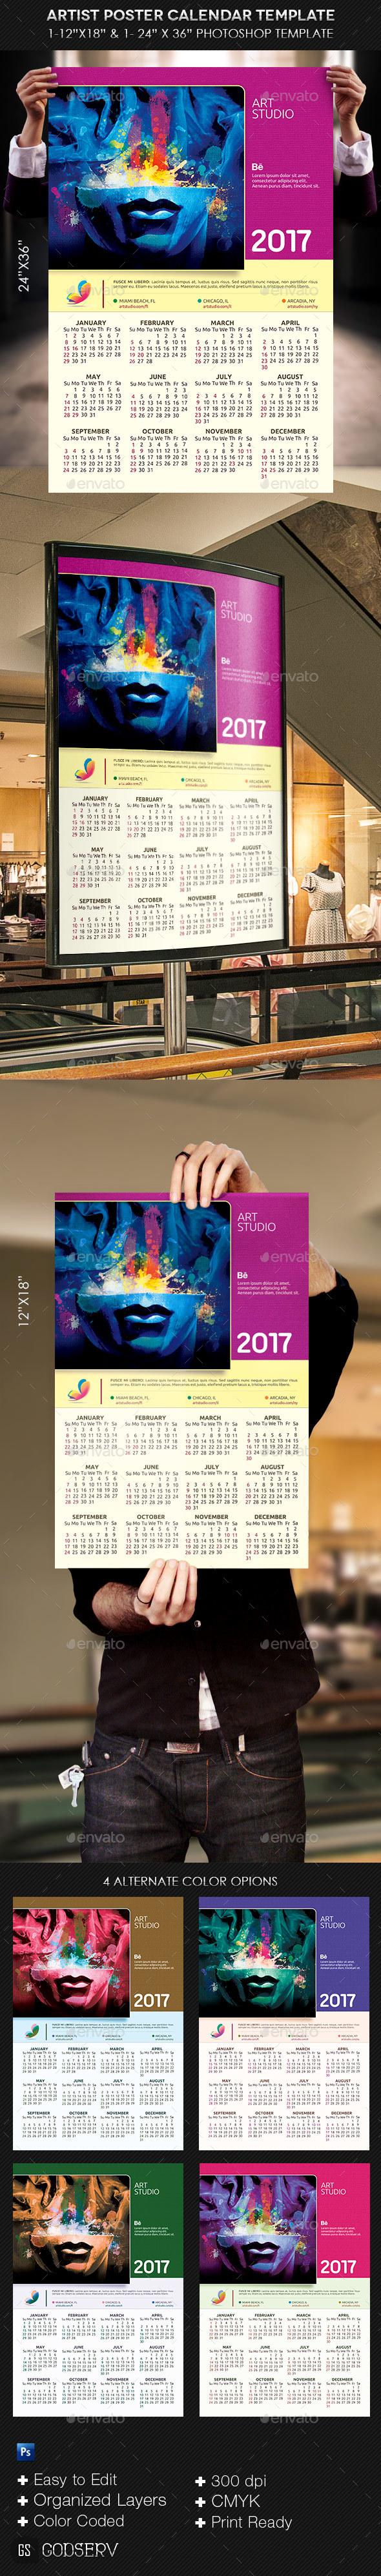 Artist Poster Calendar Template - Calendars Stationery